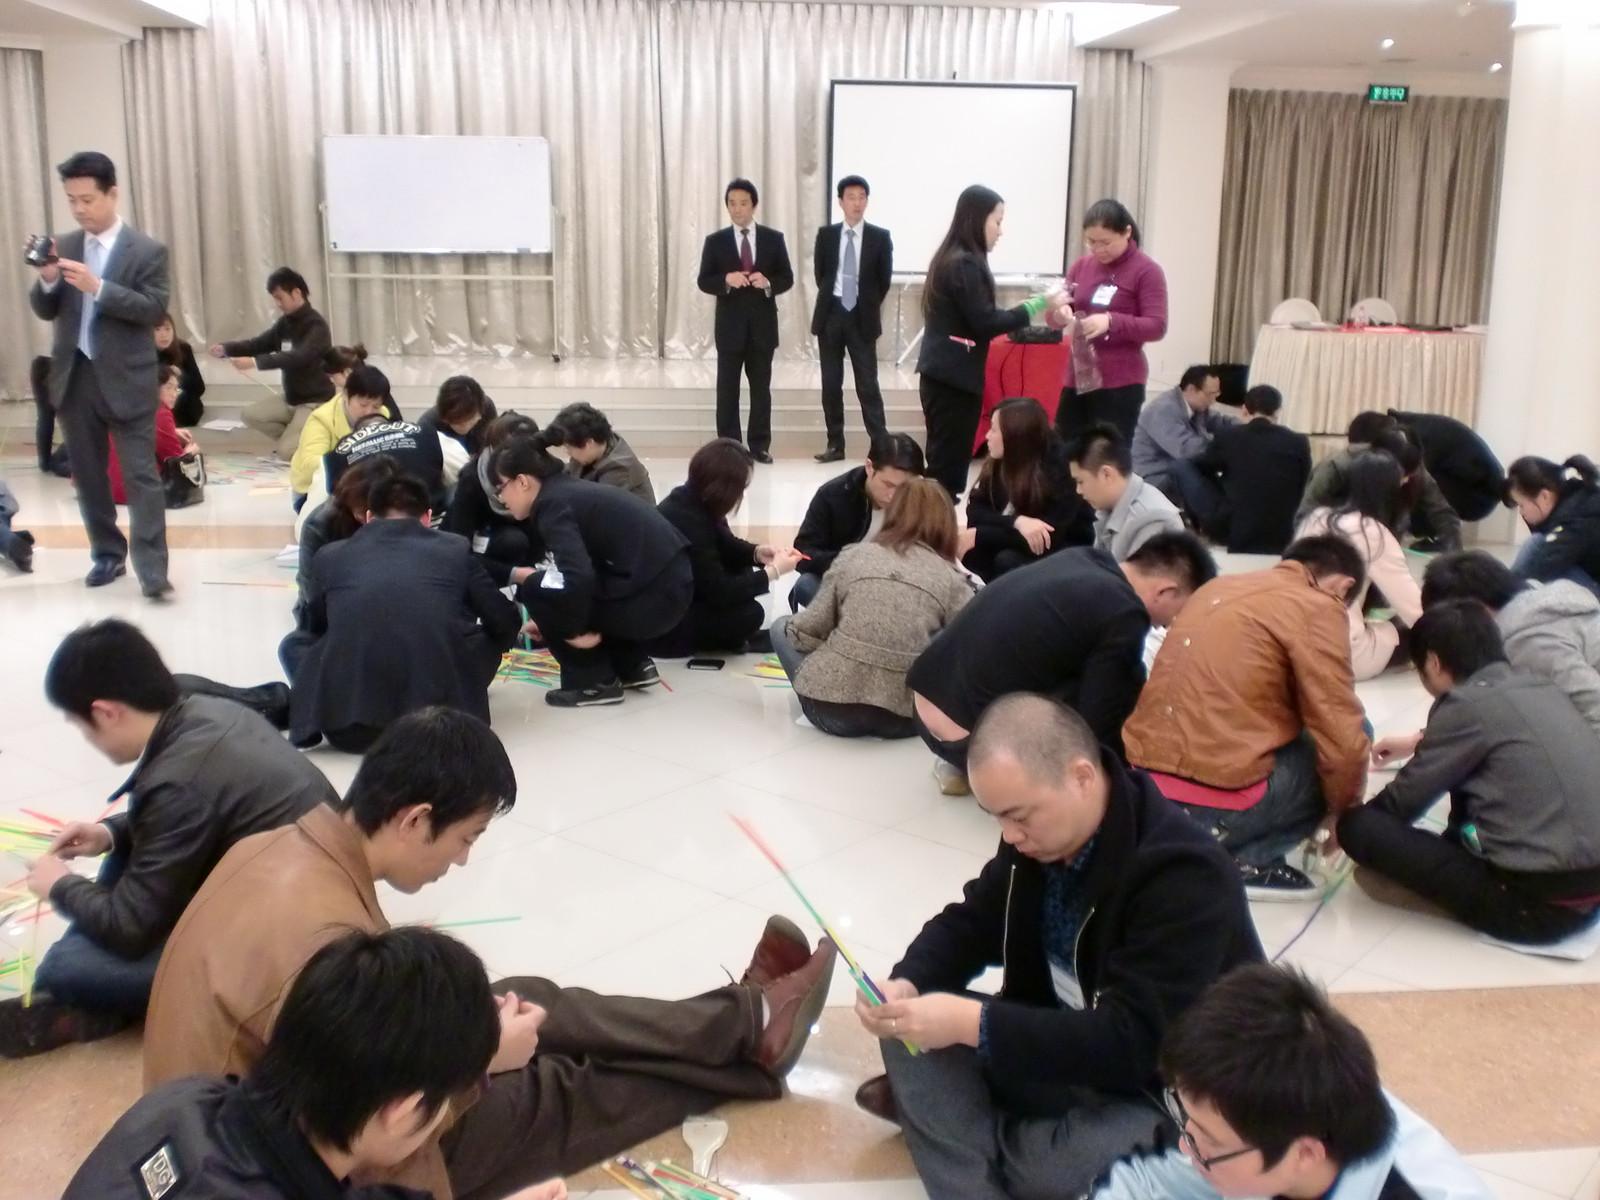 中国の会社の社員研修に参加しました